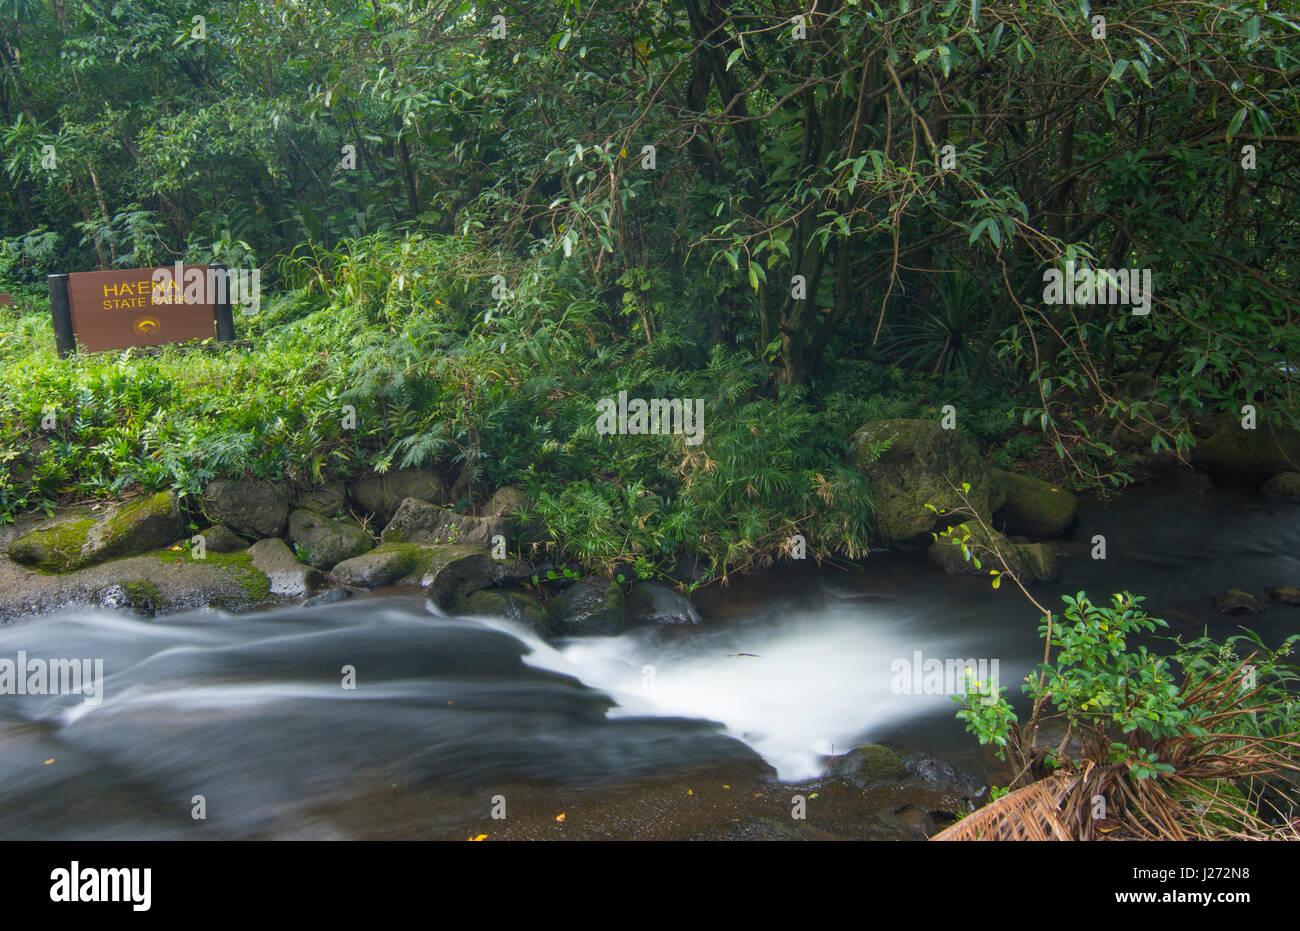 Haena Kauai Hawaii Haena parco dello stato corrente della cascata nella foresta di pioggia North Shore Foto Stock